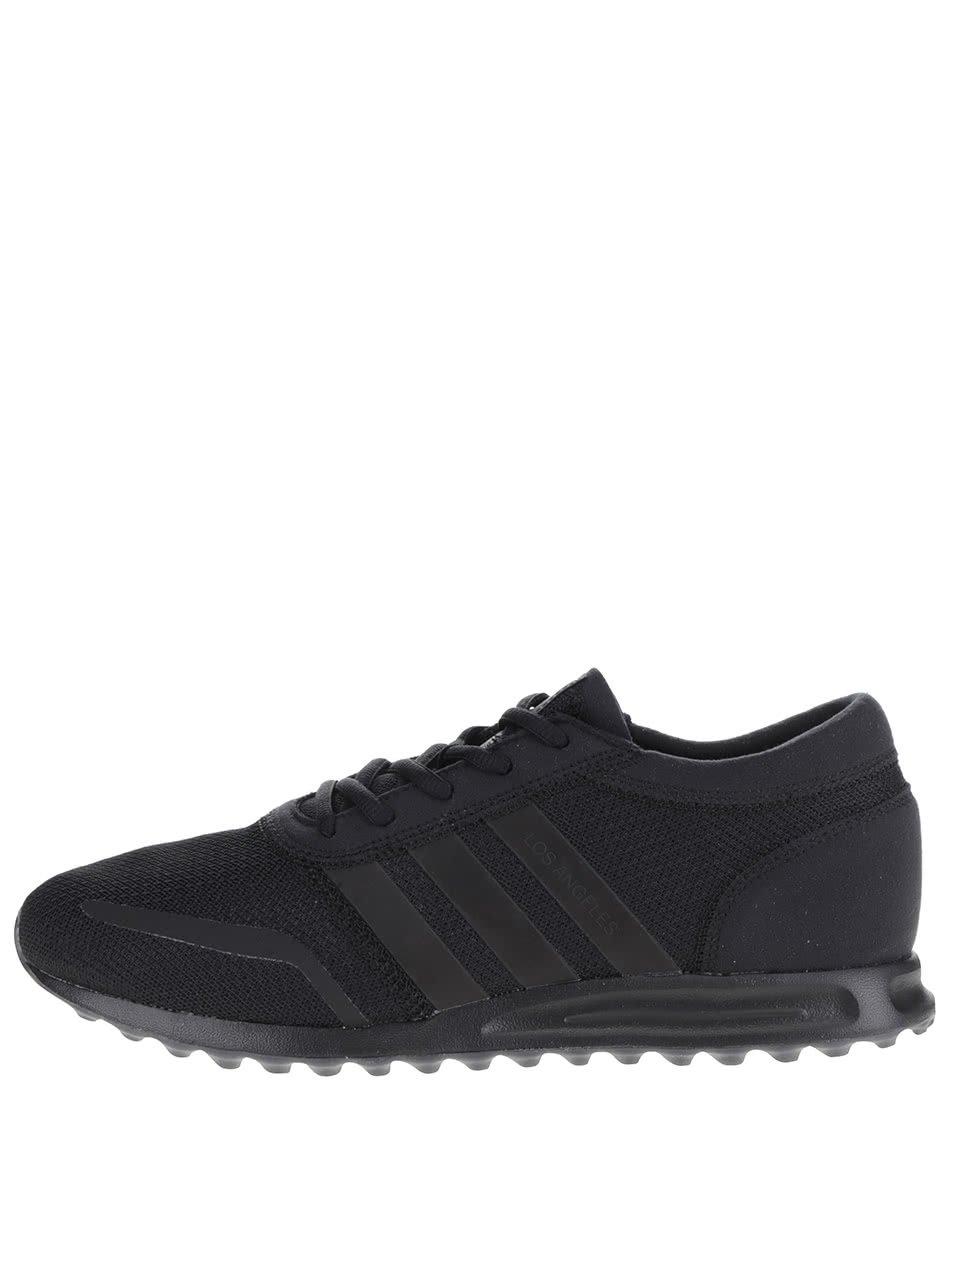 Černé pánské tenisky adidas Originals Los Angeles